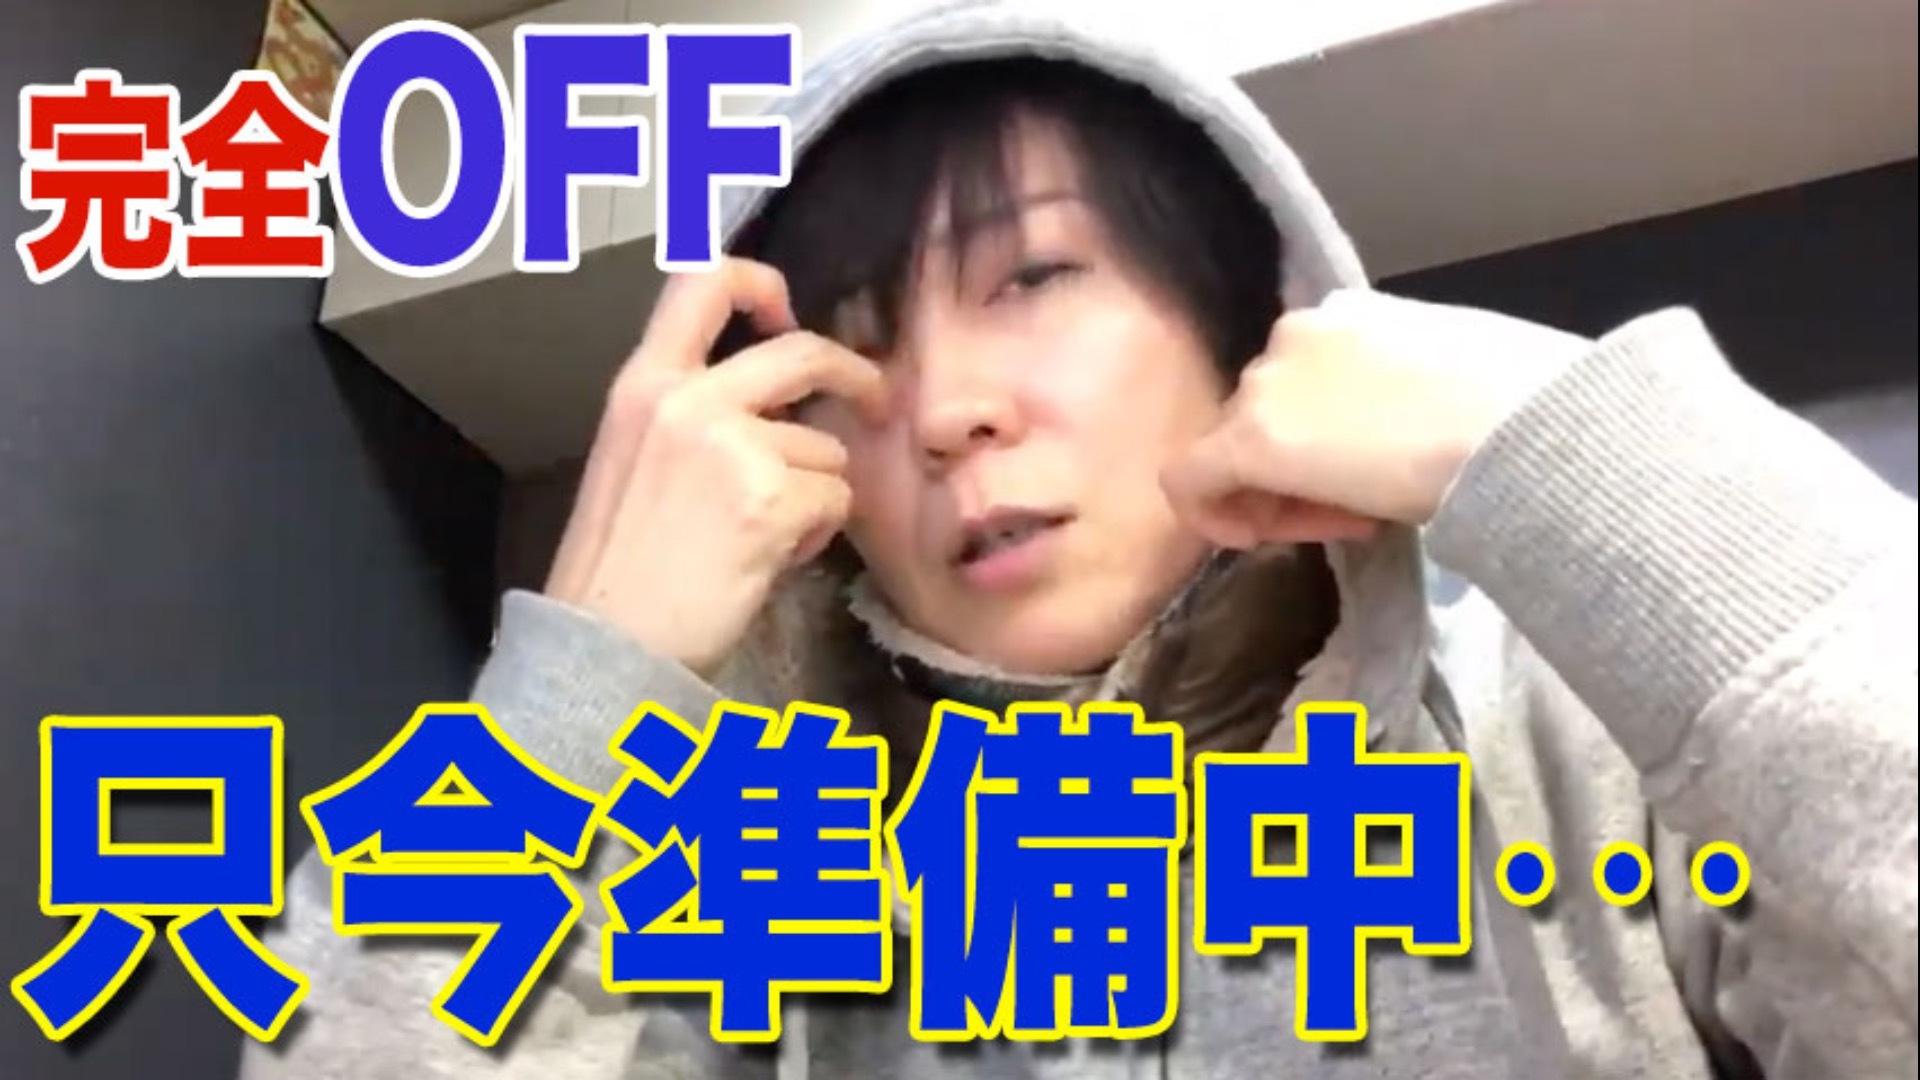 悪魔シリーズの中の準備中ライブ (2019年1月22日のライブ)